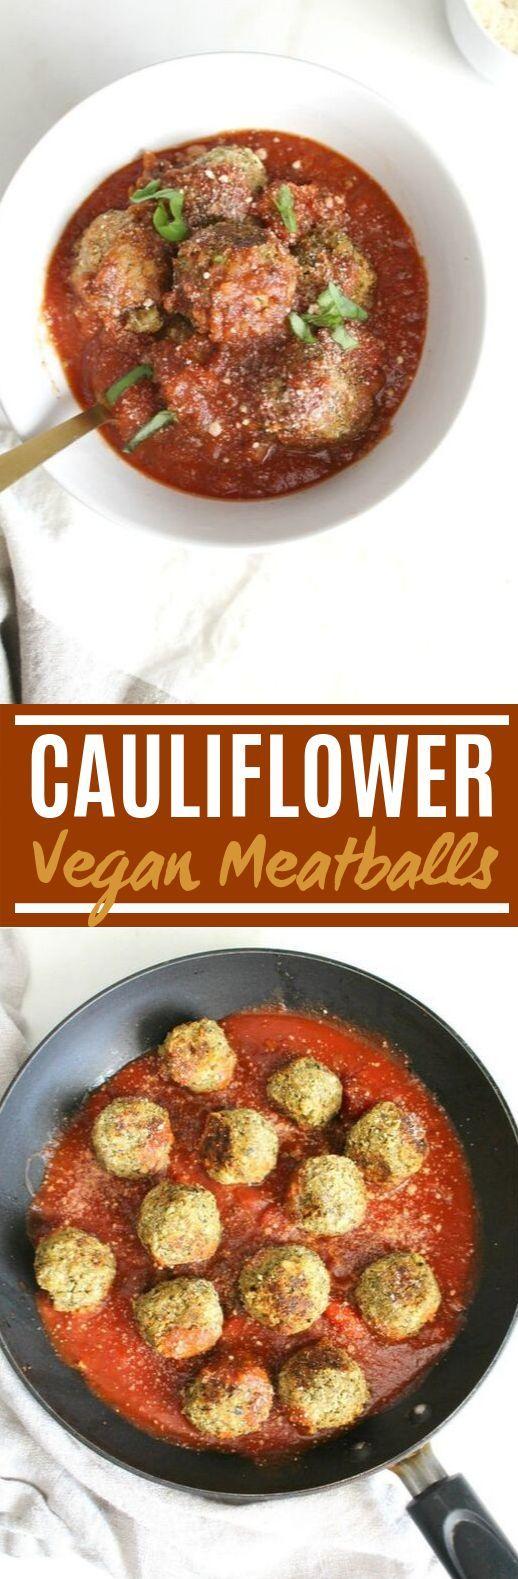 Vegan Cauliflower Meatballs #vegan #dinner #insurancequotes